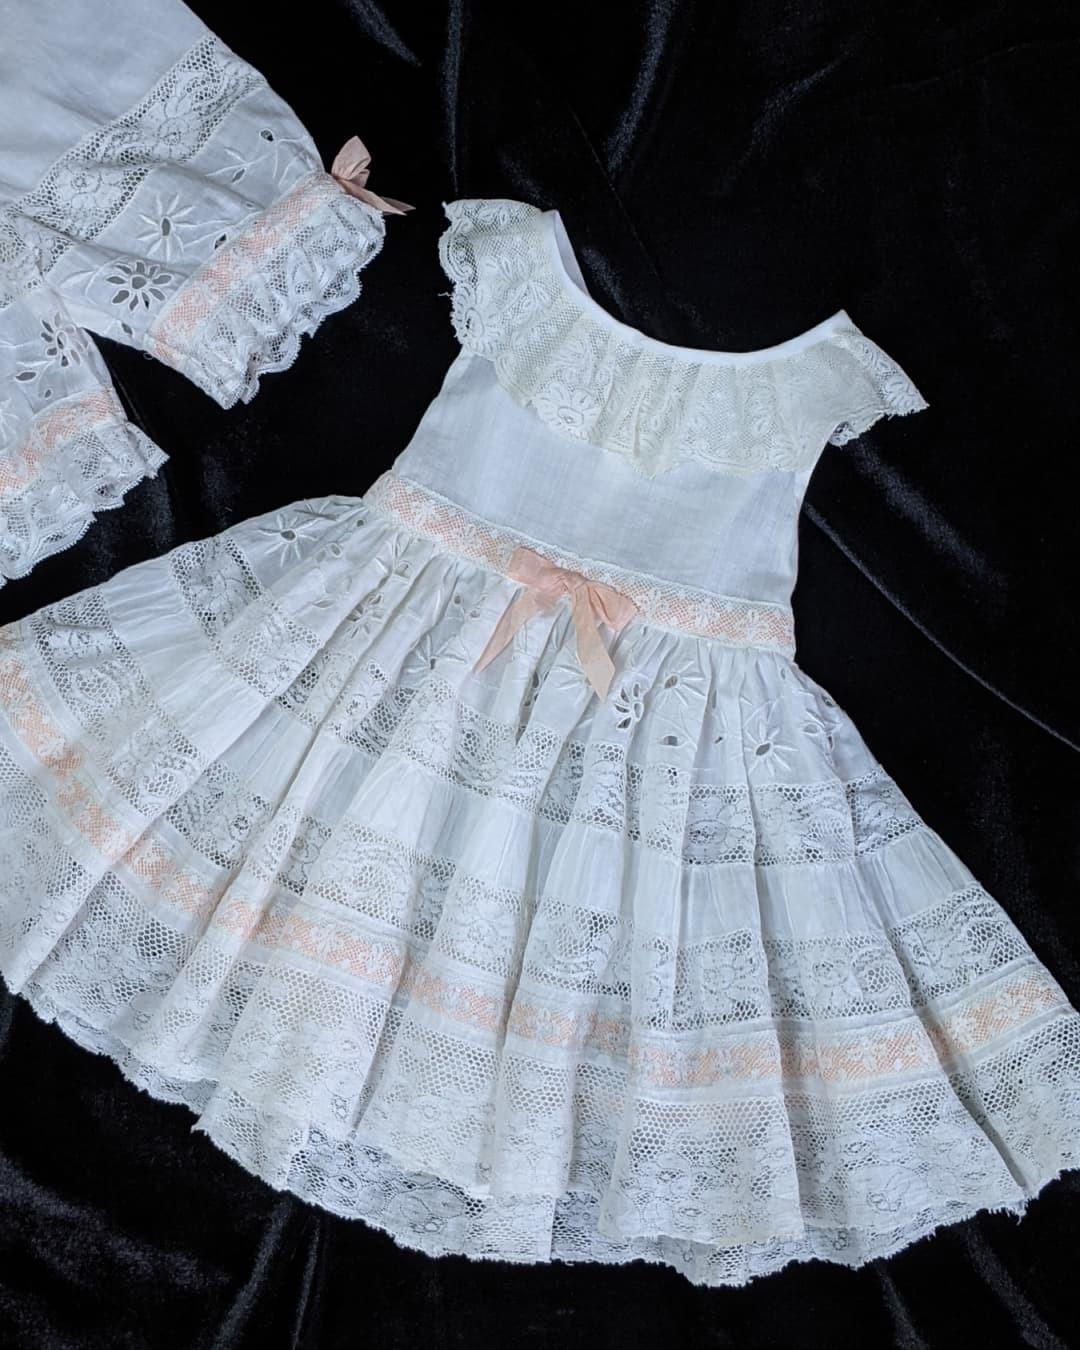 大きなジュモー嬢の下着とドレス_b0289206_20042713.jpg